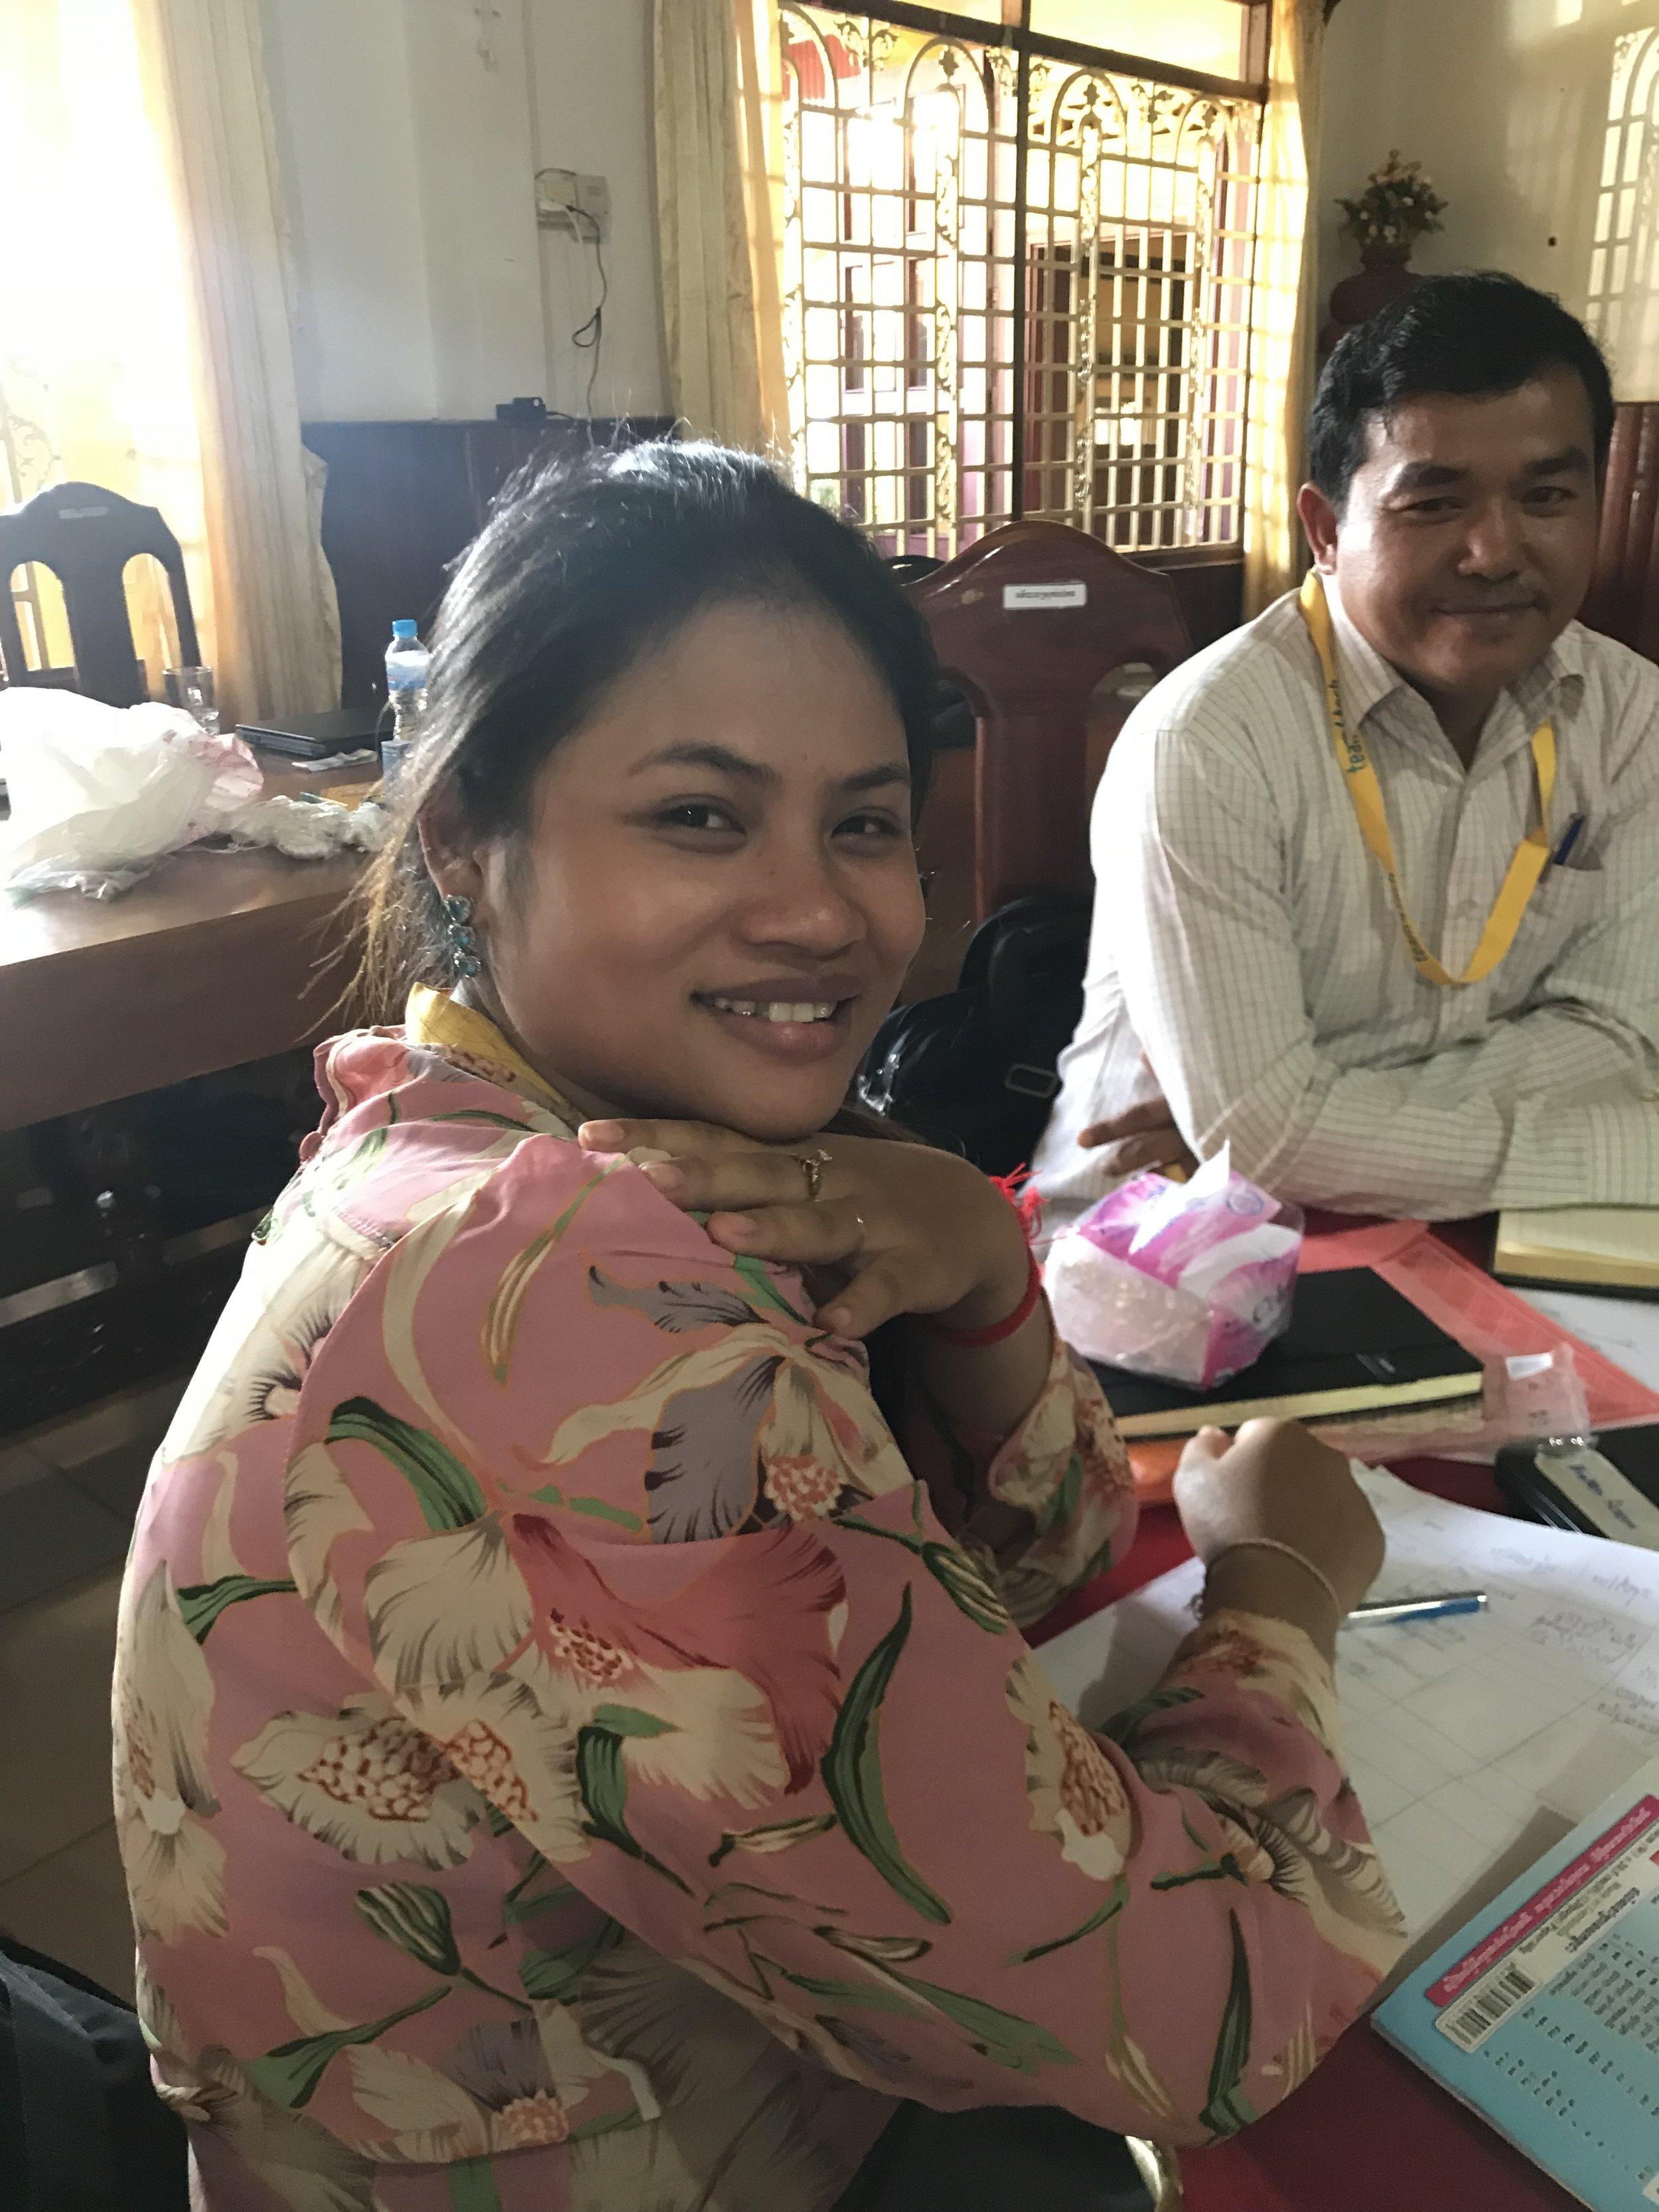 Workshop Participant - 2.JPG